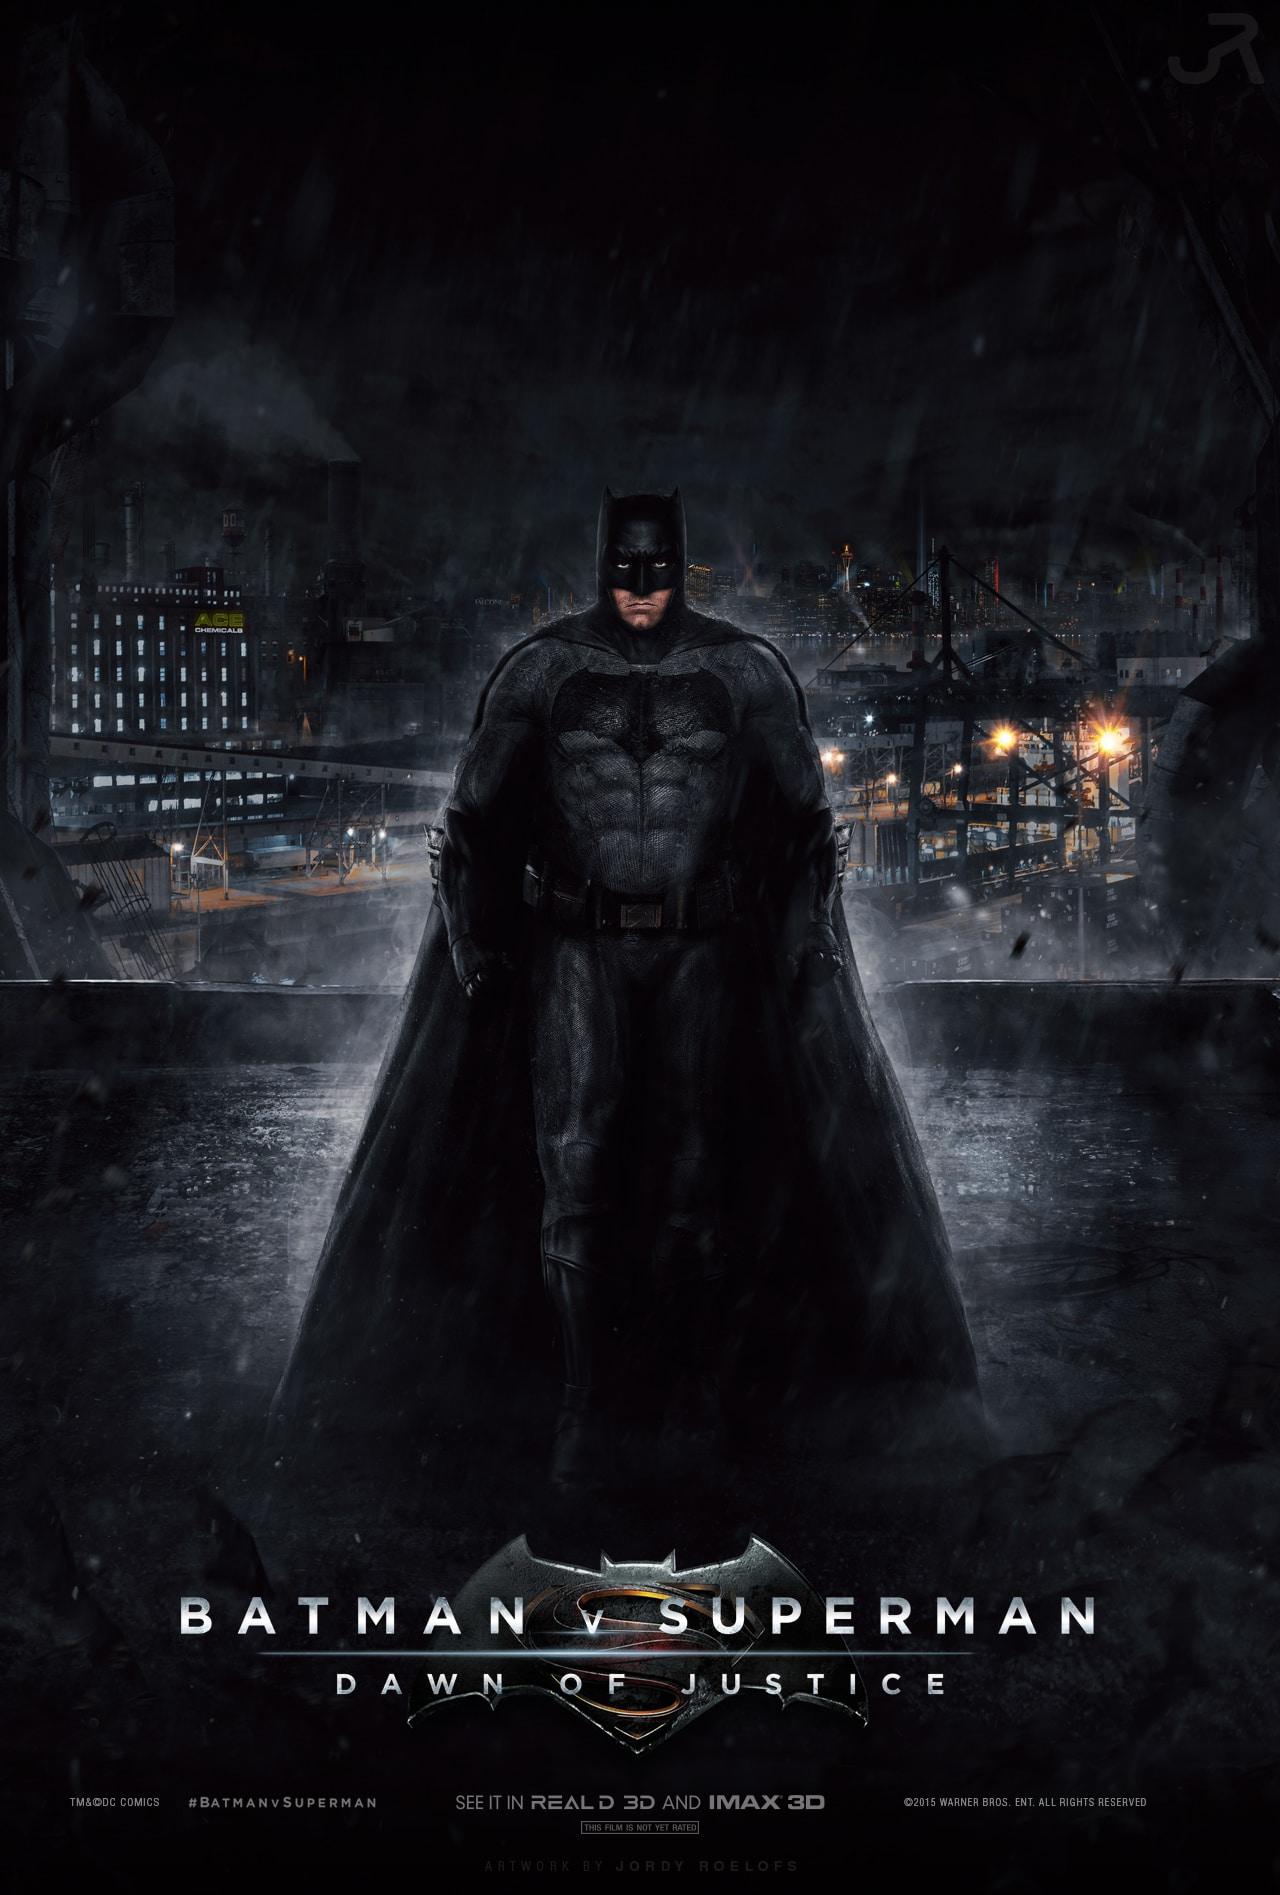 Batman-Vs-Superman-Posters-hd-printable-batman-individual-alone-dark